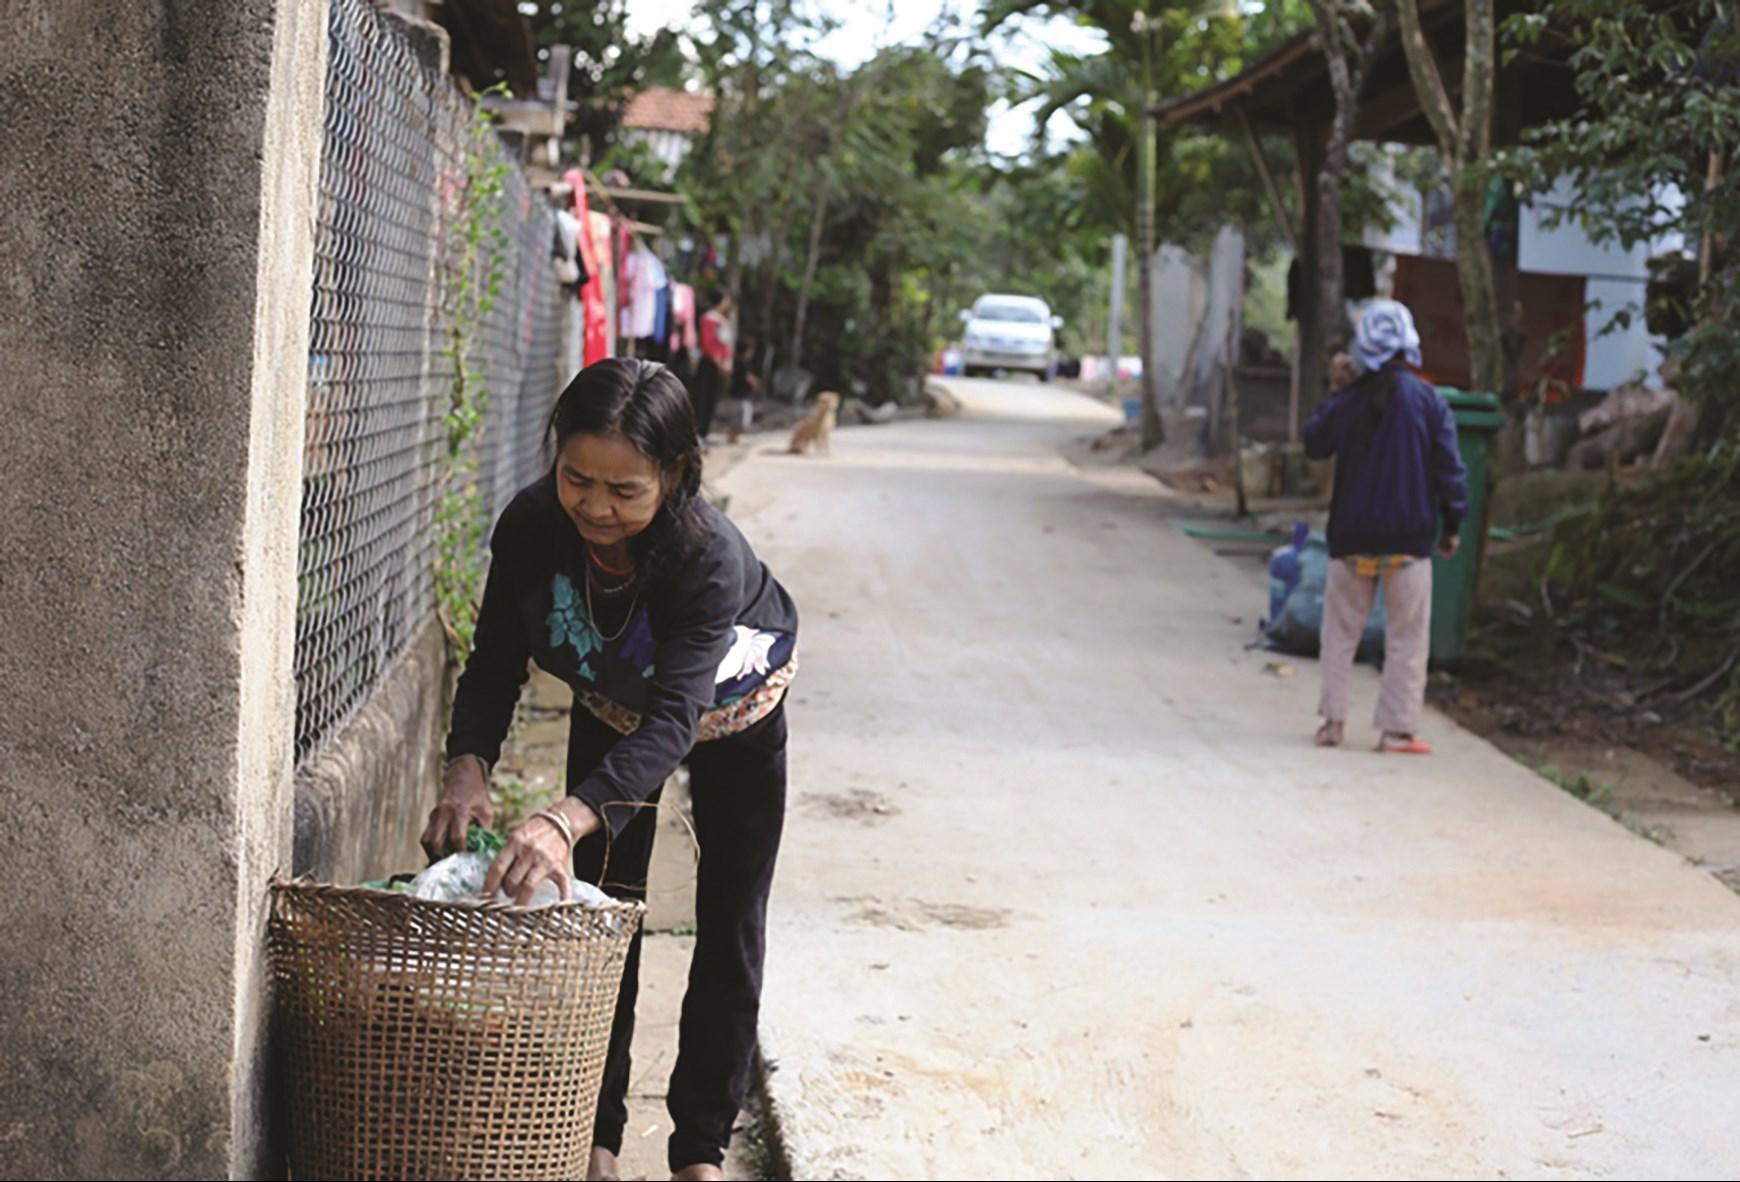 Nông dân thôn Gò Tranh, xã Long Sơn, huyện miền núi Minh Long tự xử lý rác thải để bảo vệ môi trường.